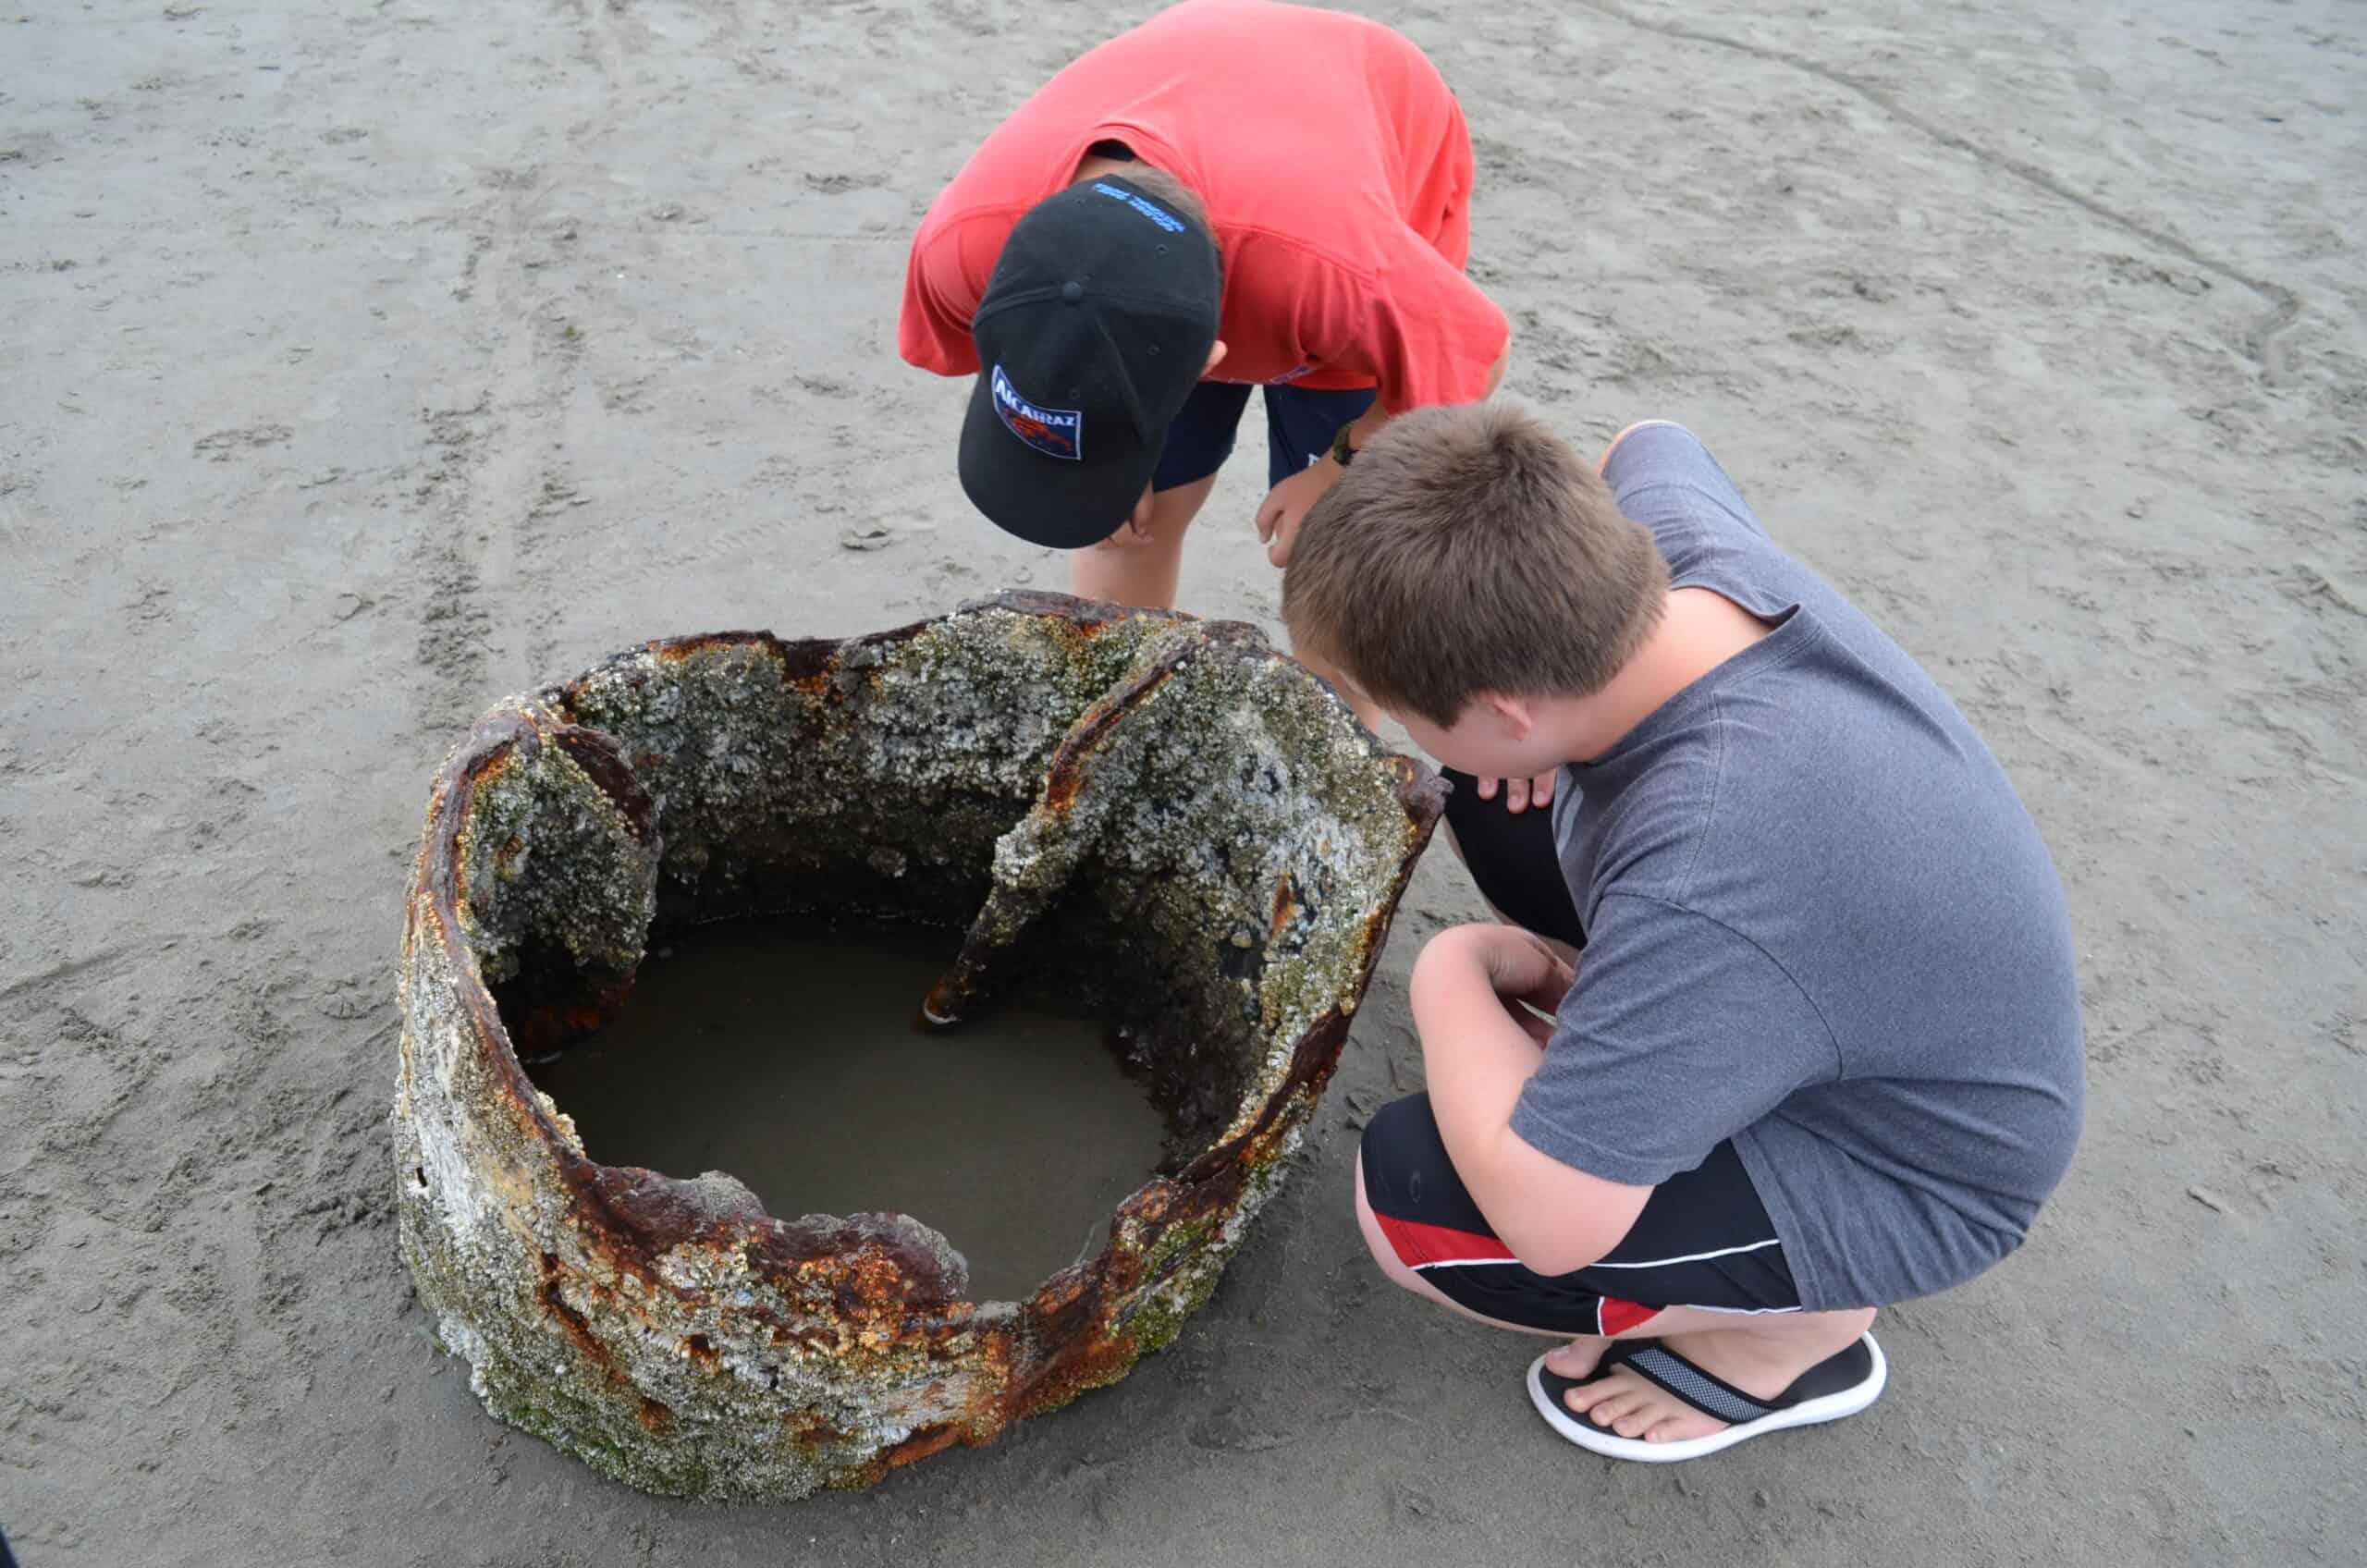 boys looking inside rusty shipwreck